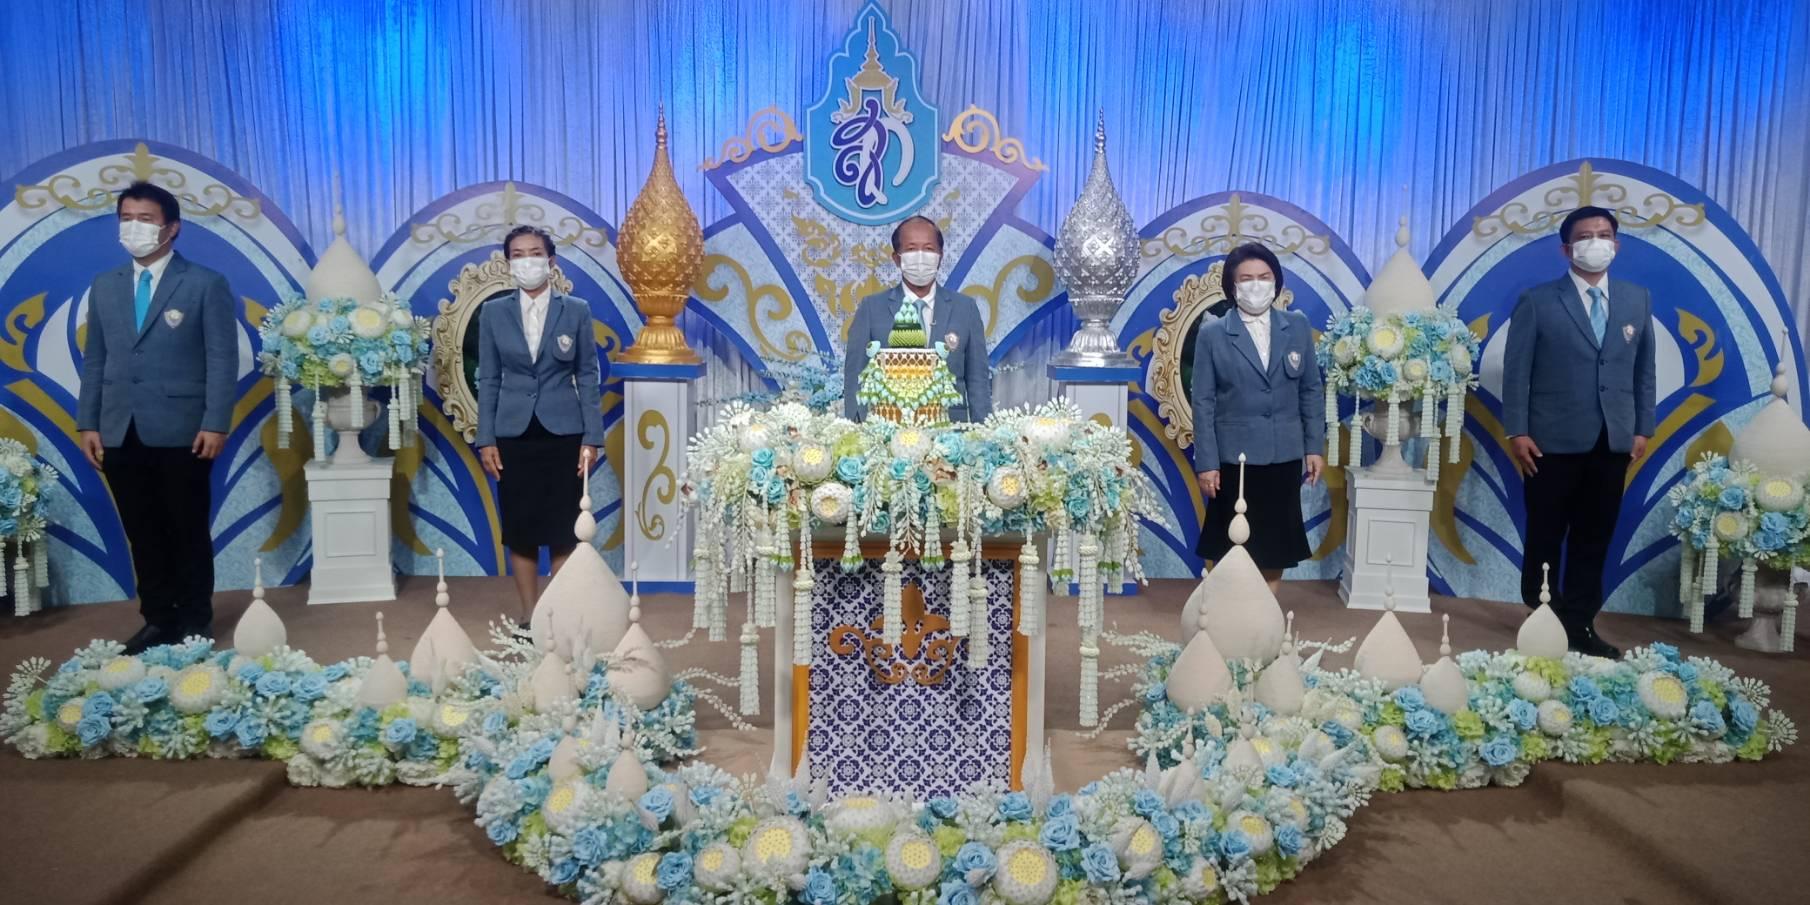 เทปถวายพระพรชัยมงคล สมเด็จพระนางเจ้าสิริกิติ์ พระบรมราชินีนาถ พระบรมราชชนนีพันปีหลวง เนื่องในโอกาสวันมหามงคลเฉลิมพระชนมพรรษา 12 สิงหาคม 2564